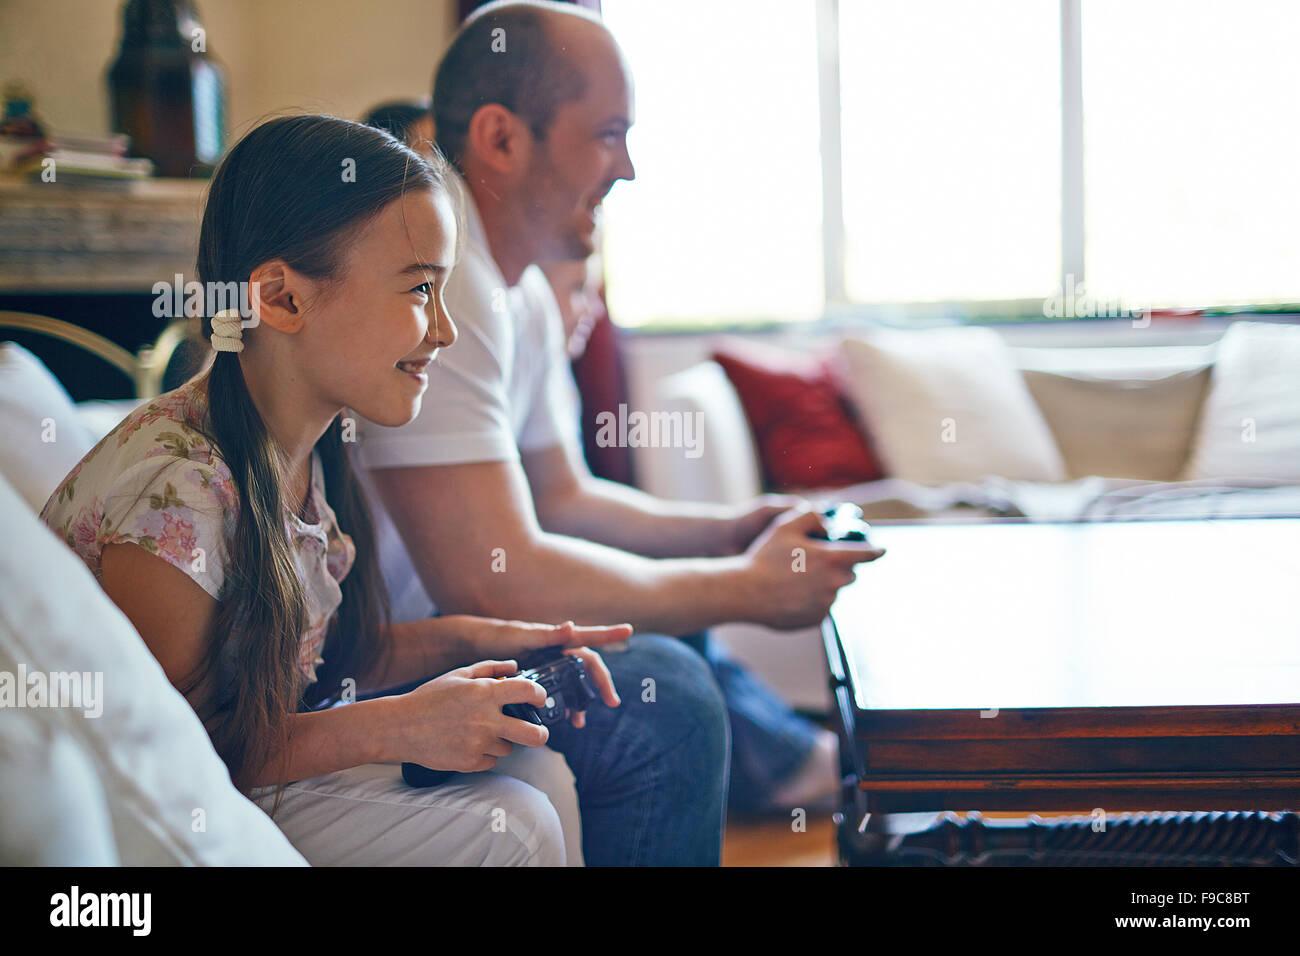 Smiling girl jouer à des jeux vidéo avec son père Photo Stock